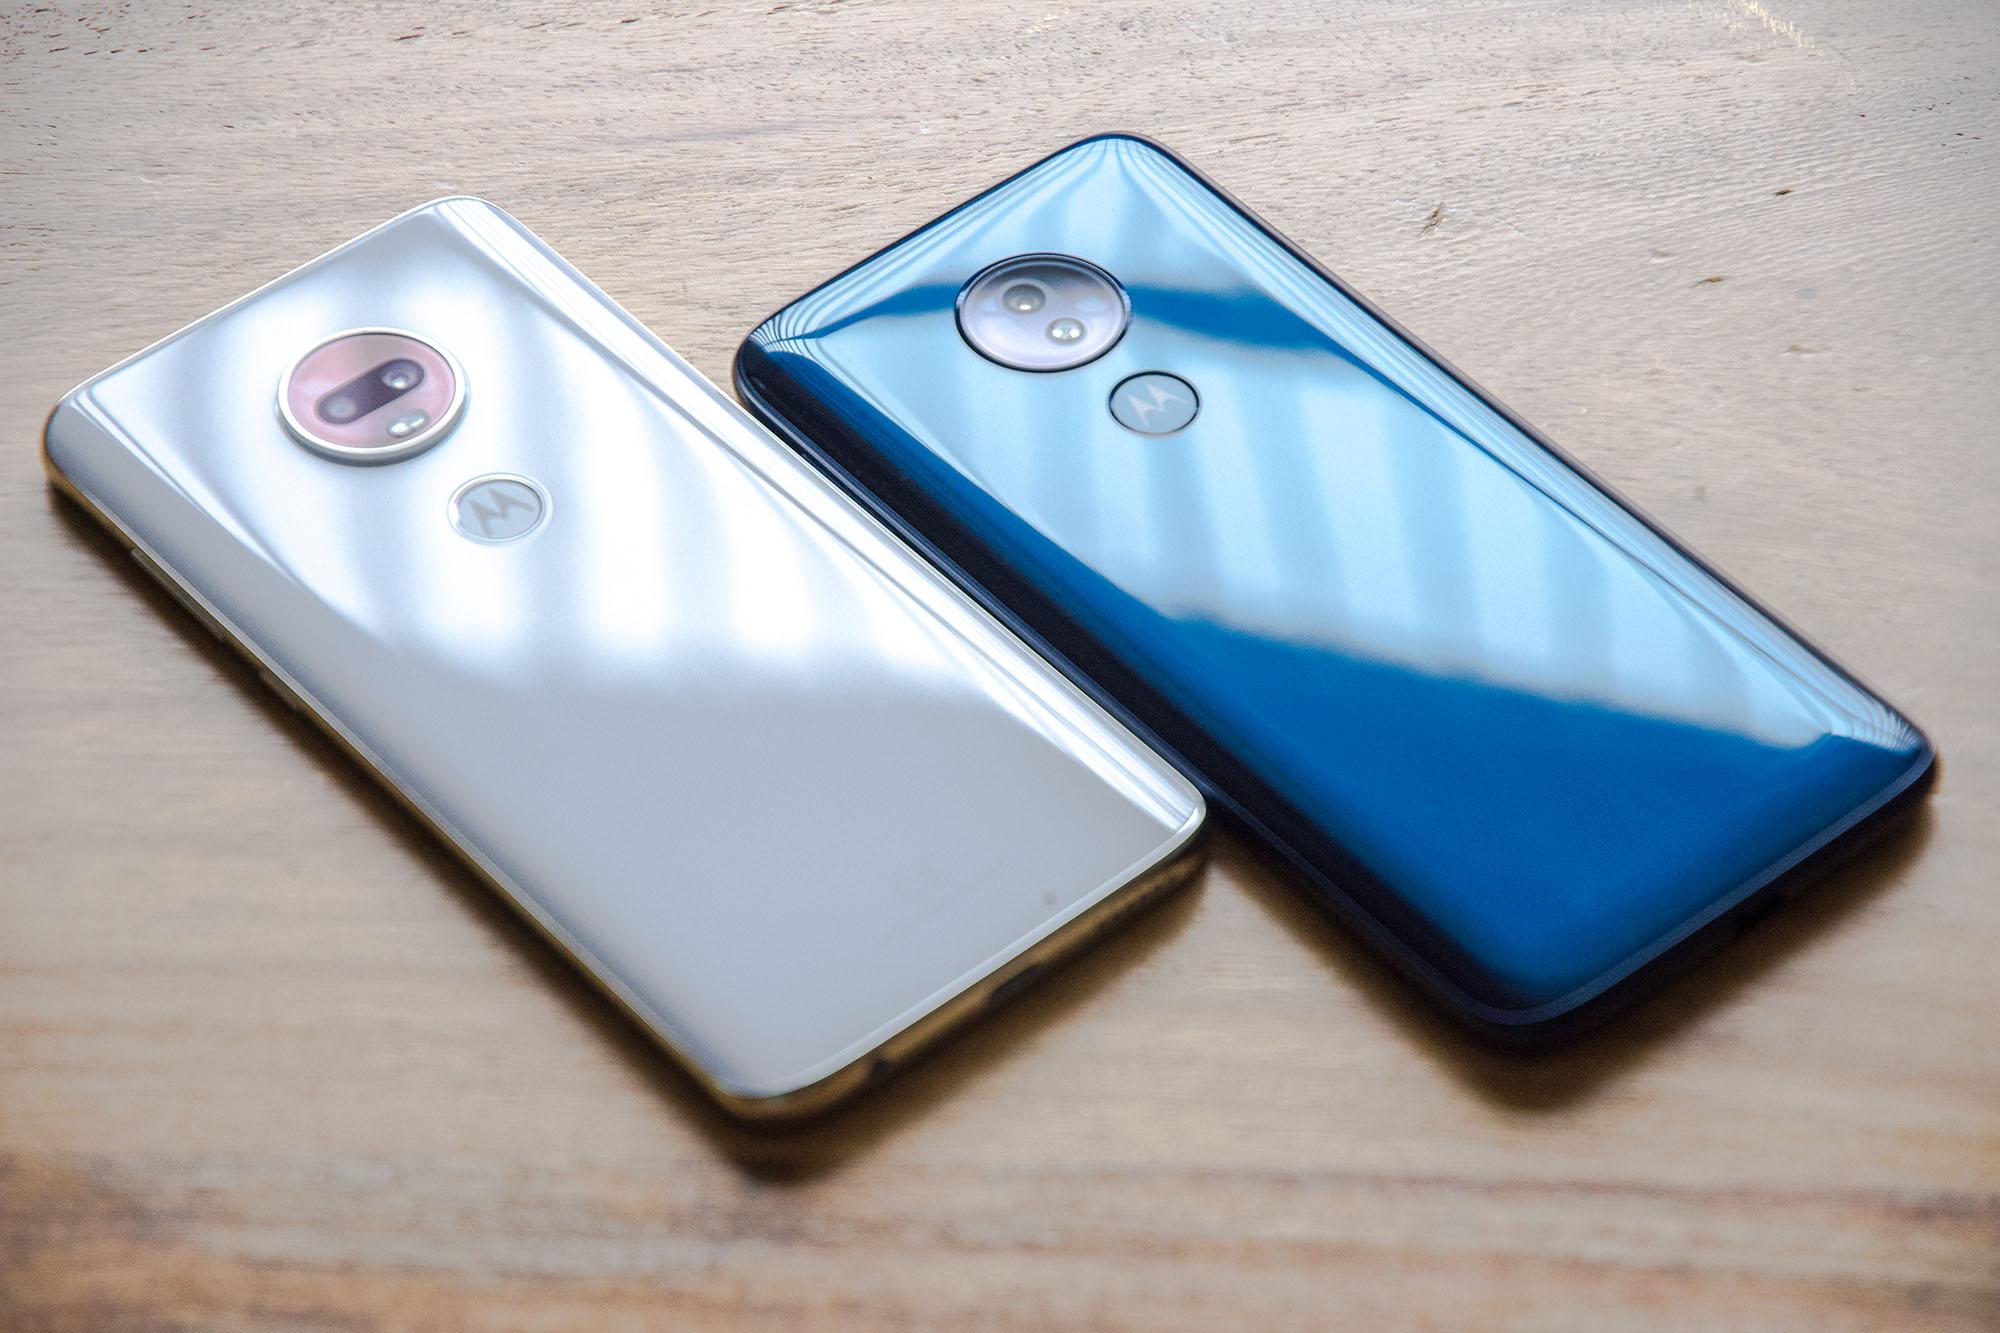 Mini avis: Le Motorola Moto G7 Power est une magnifique batterie